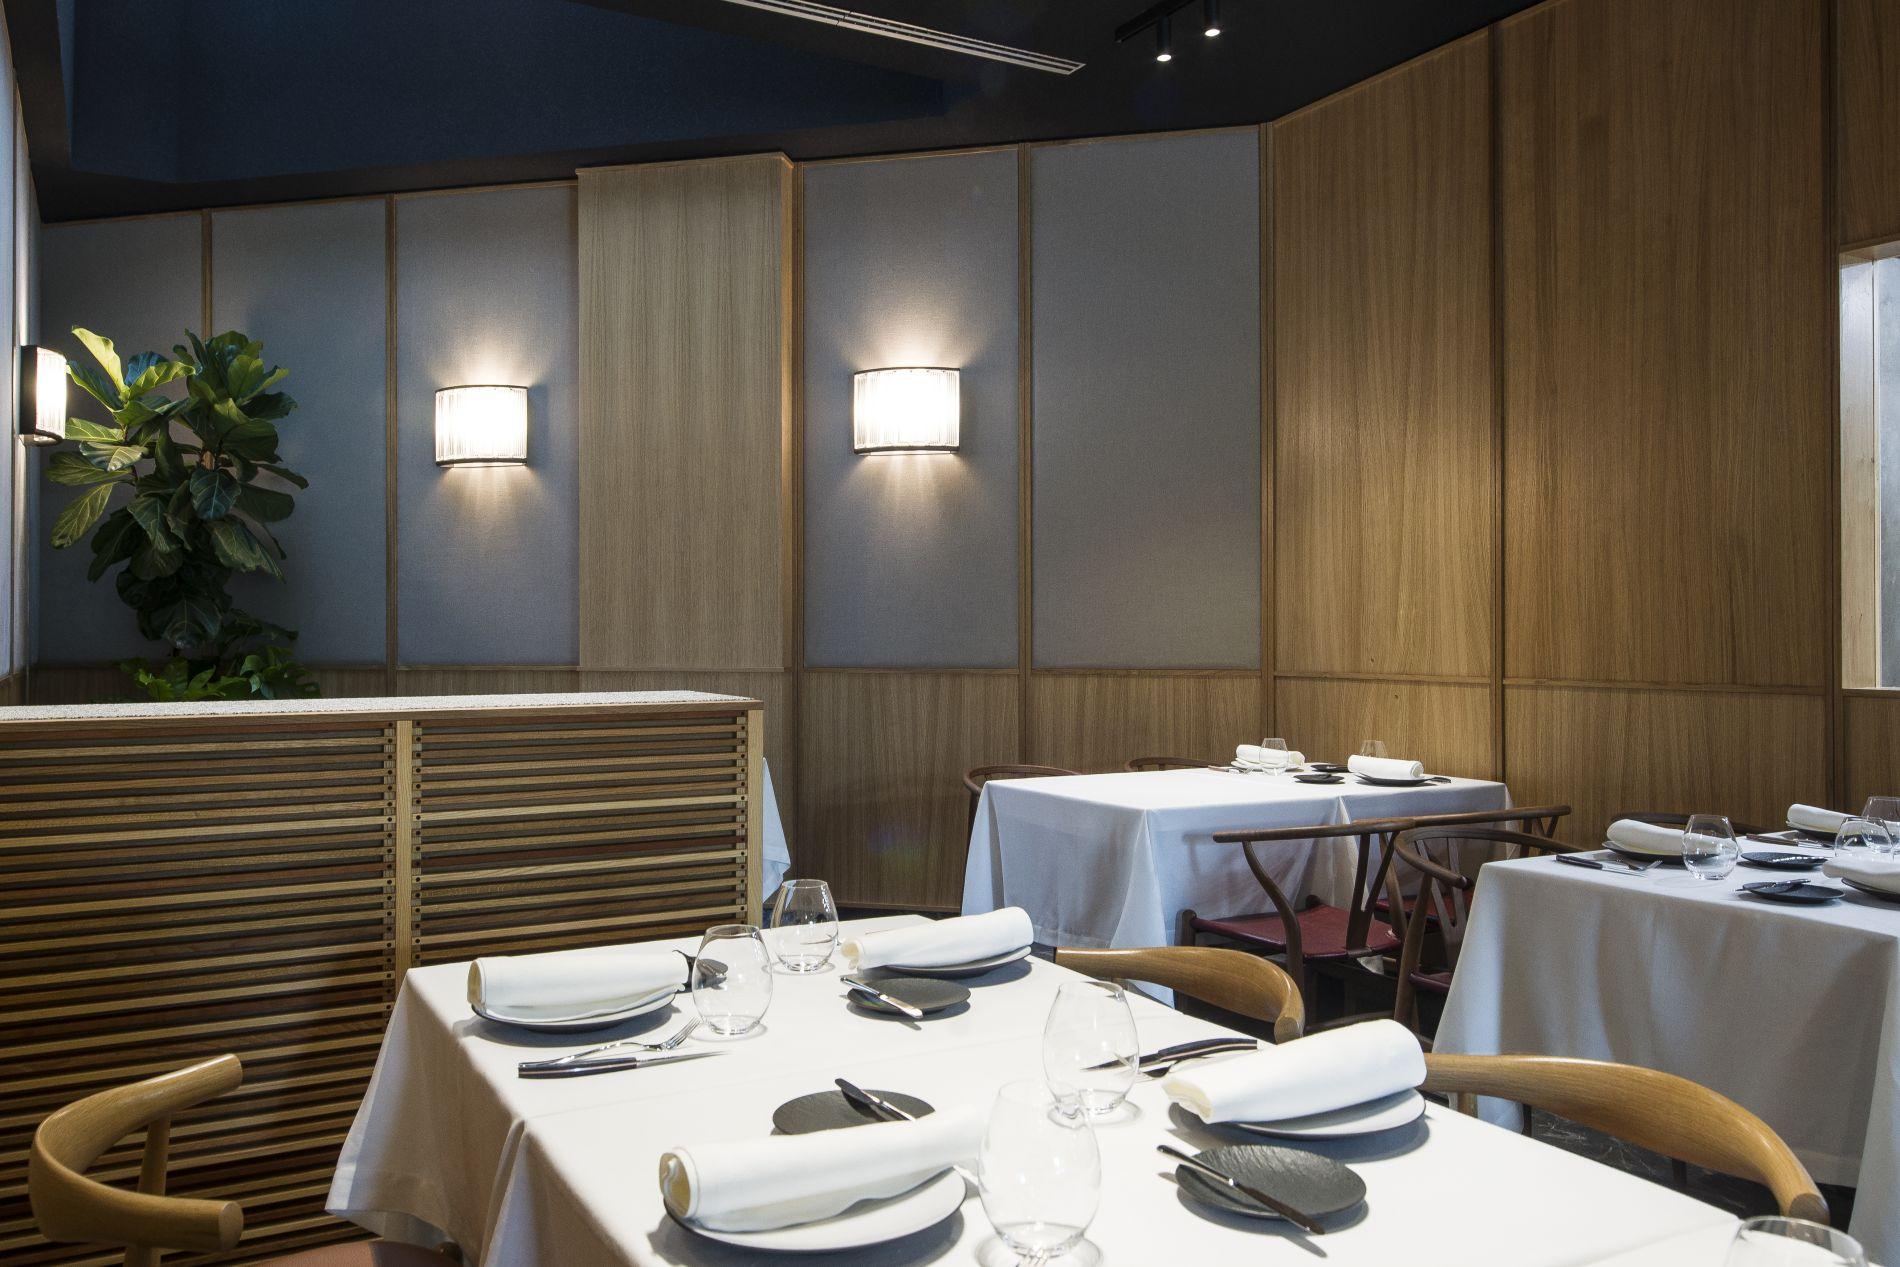 Fiark-Restaurante-Narru-8